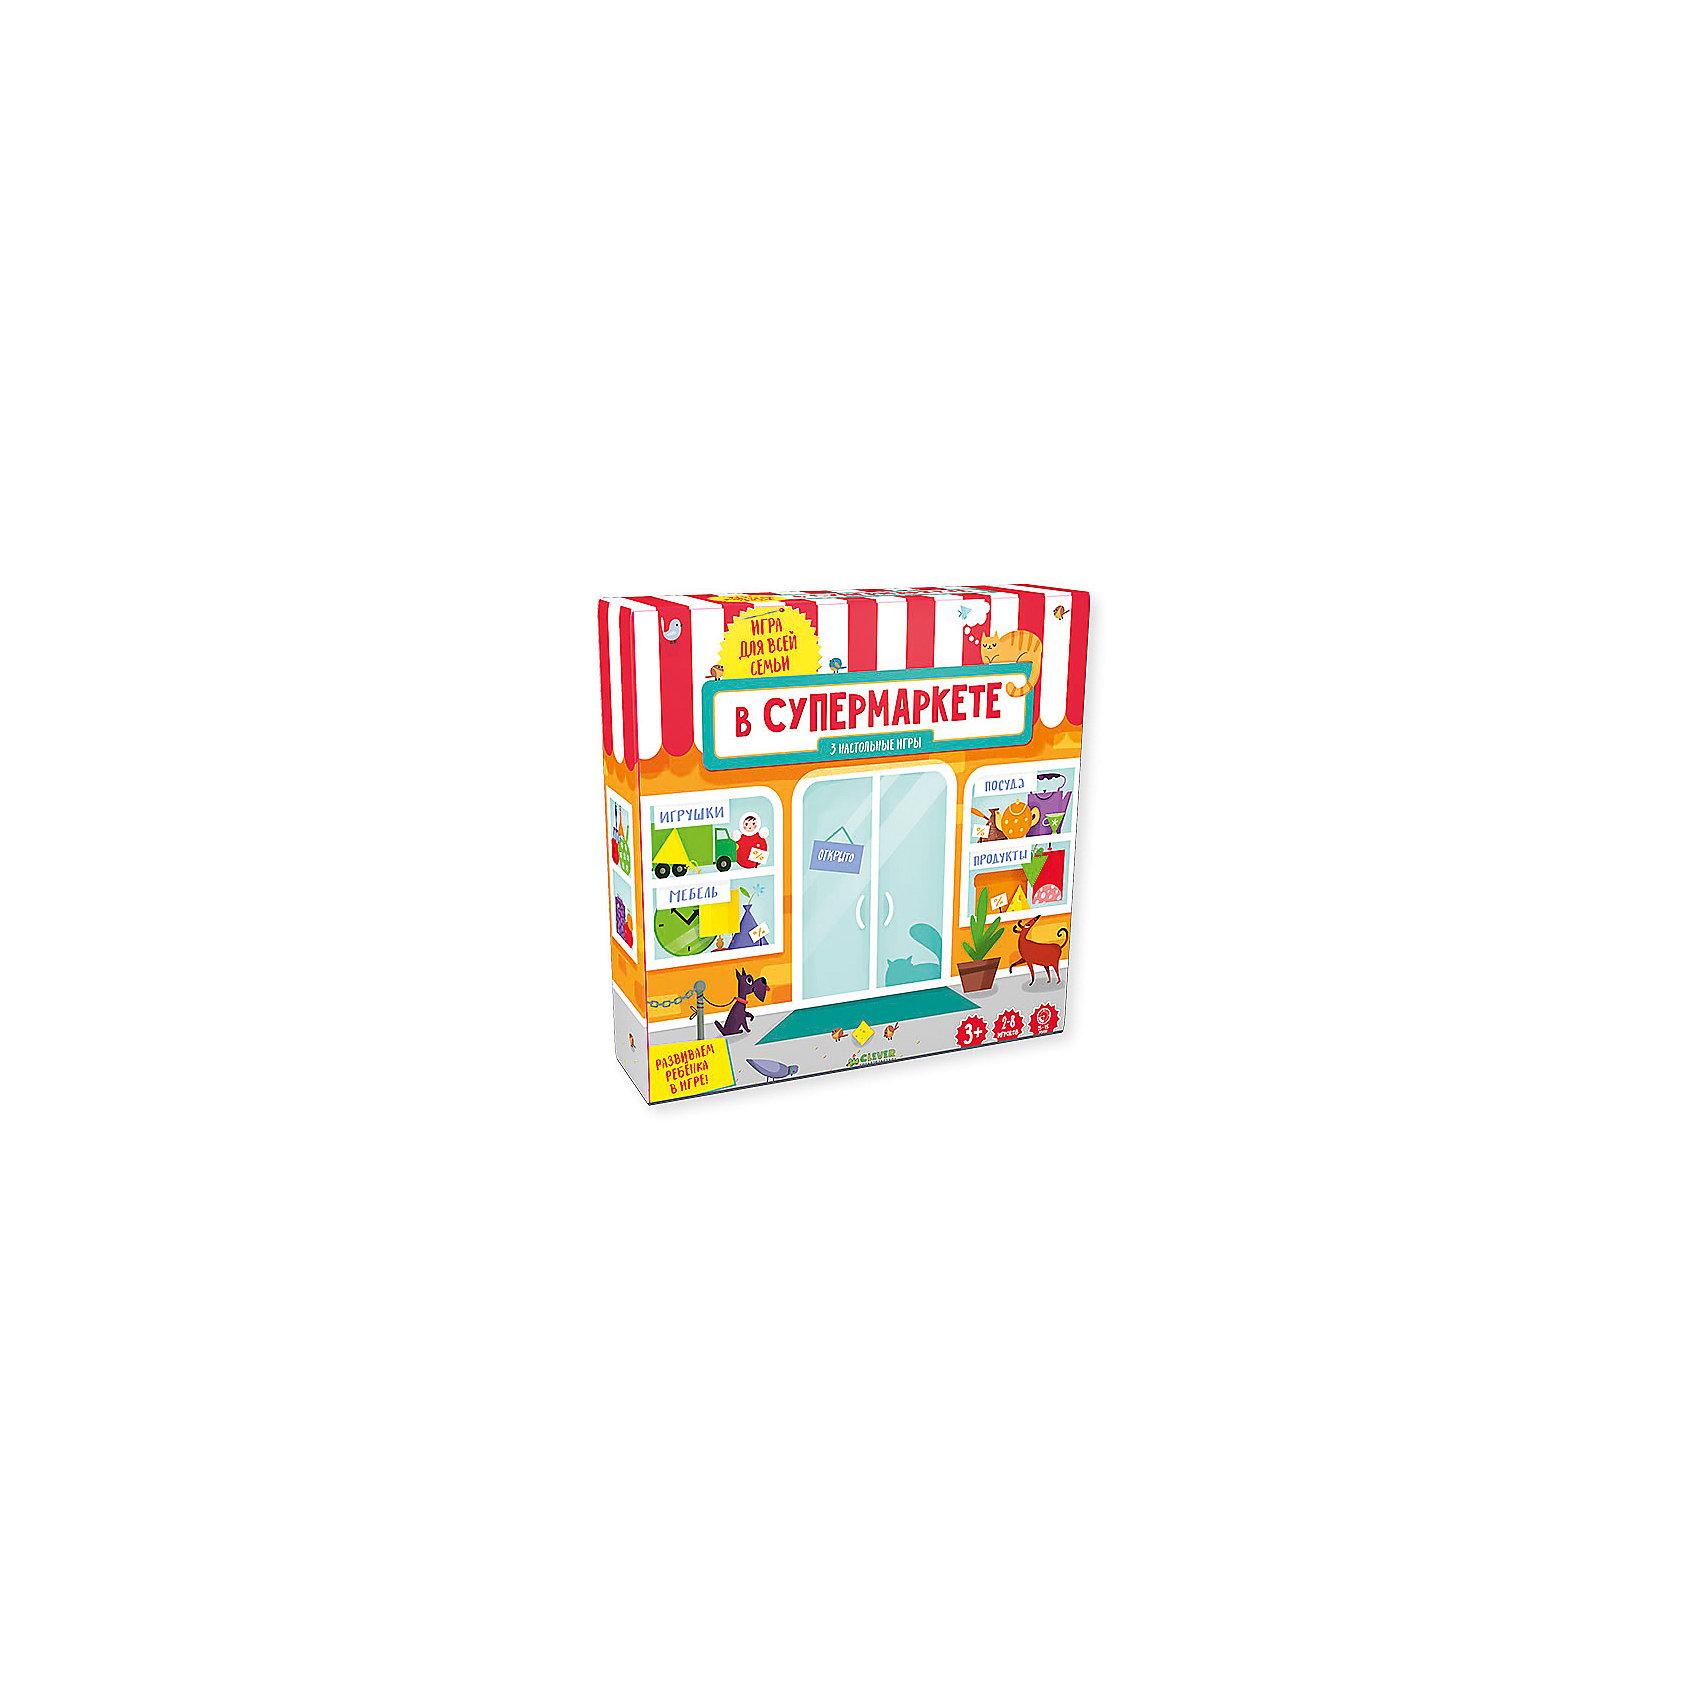 В супермаркете, Время играть!Карточные игры<br>В супермаркете, Время играть!<br><br>Характеристики:<br><br>- Автор: Баканова Е.<br>- Масса: 294 г;<br>- Размеры: 220x218x9 мм.<br>- В наборе: коробка,24карточки.<br><br>Каждый поход в супермаркет может стать увлекательным приключением! Вас ждут весёлые викторины, грандиозные акции и распродажи, а также полные тележки самых разных товаров. Скорее начинайте играть! Выбирайте 3 игры разных уровней сложности, а также 24 карточки с заданиями и вопросами, которые вы можете взять с собой на прогулку или в поездку, чтобы занять ребёнка в любом месте.<br><br>В супермаркете, Время играть!, можно купить в нашем интернет – магазине.<br><br>Ширина мм: 200<br>Глубина мм: 200<br>Высота мм: 5<br>Вес г: 950<br>Возраст от месяцев: 84<br>Возраст до месяцев: 132<br>Пол: Унисекс<br>Возраст: Детский<br>SKU: 5377880